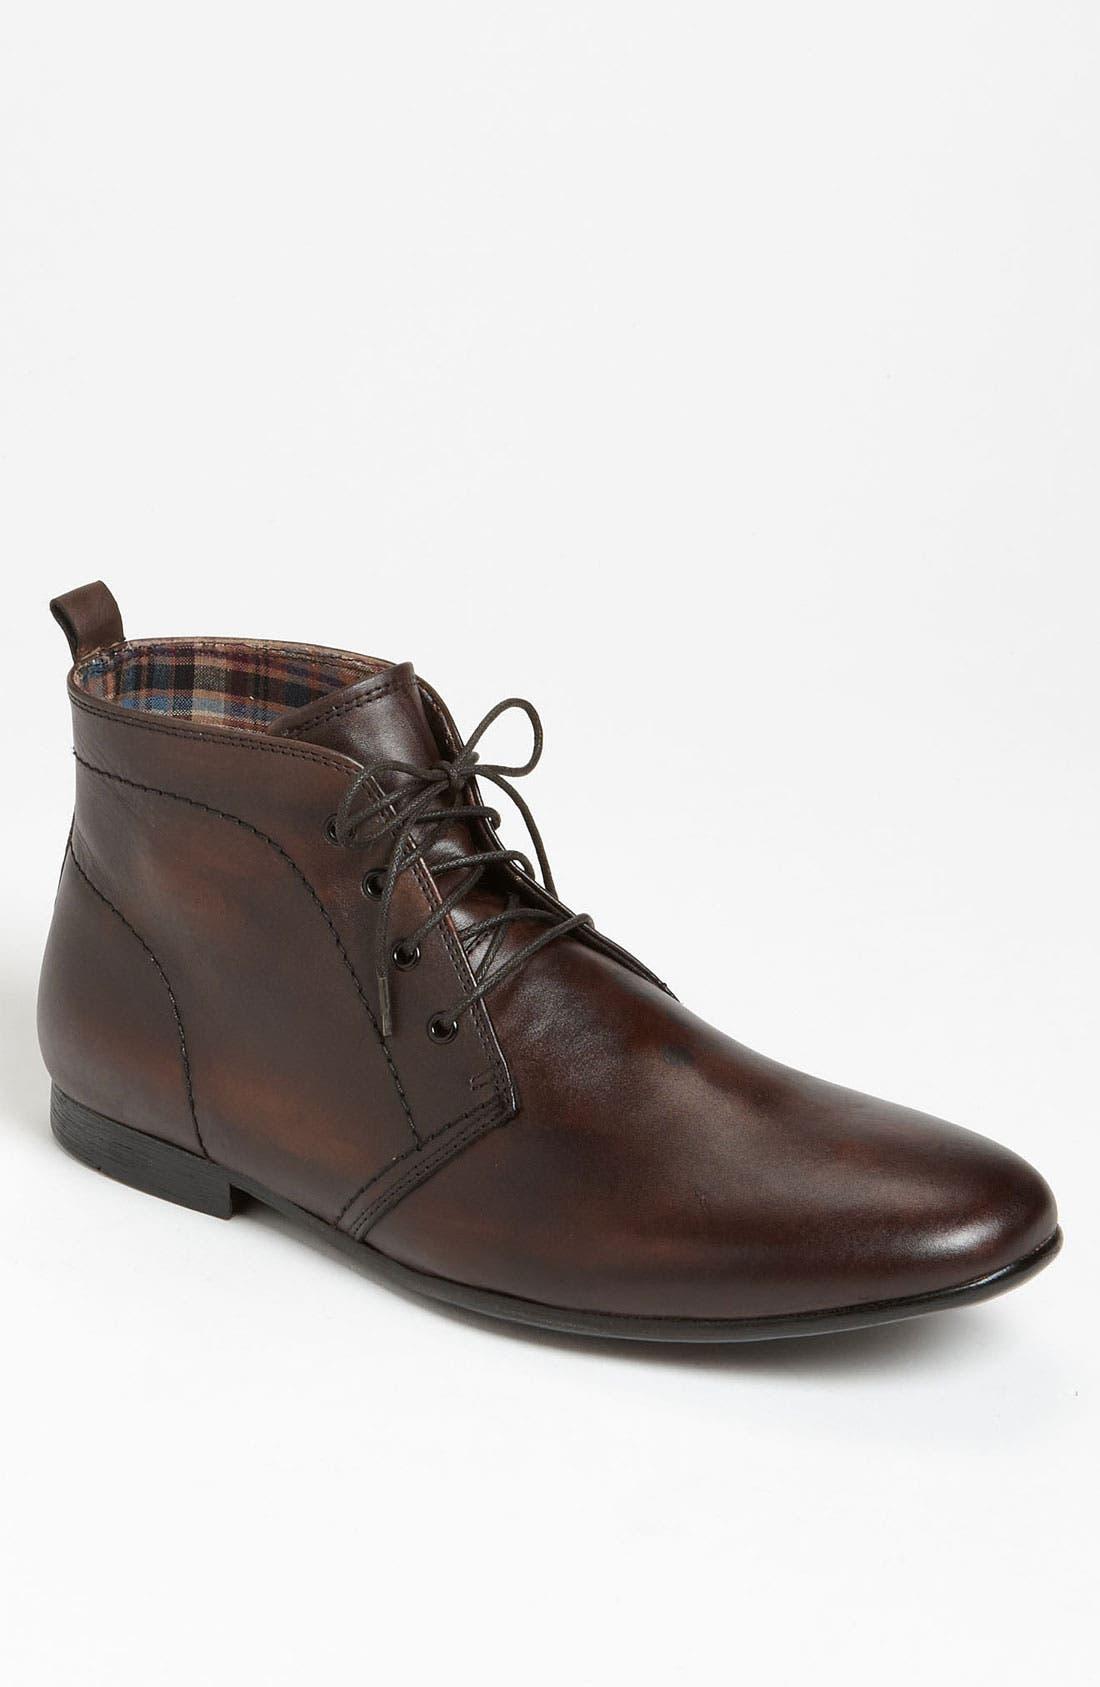 Alternate Image 1 Selected - Bed Stu 'Bryden' Boot (Online Only) (Men)